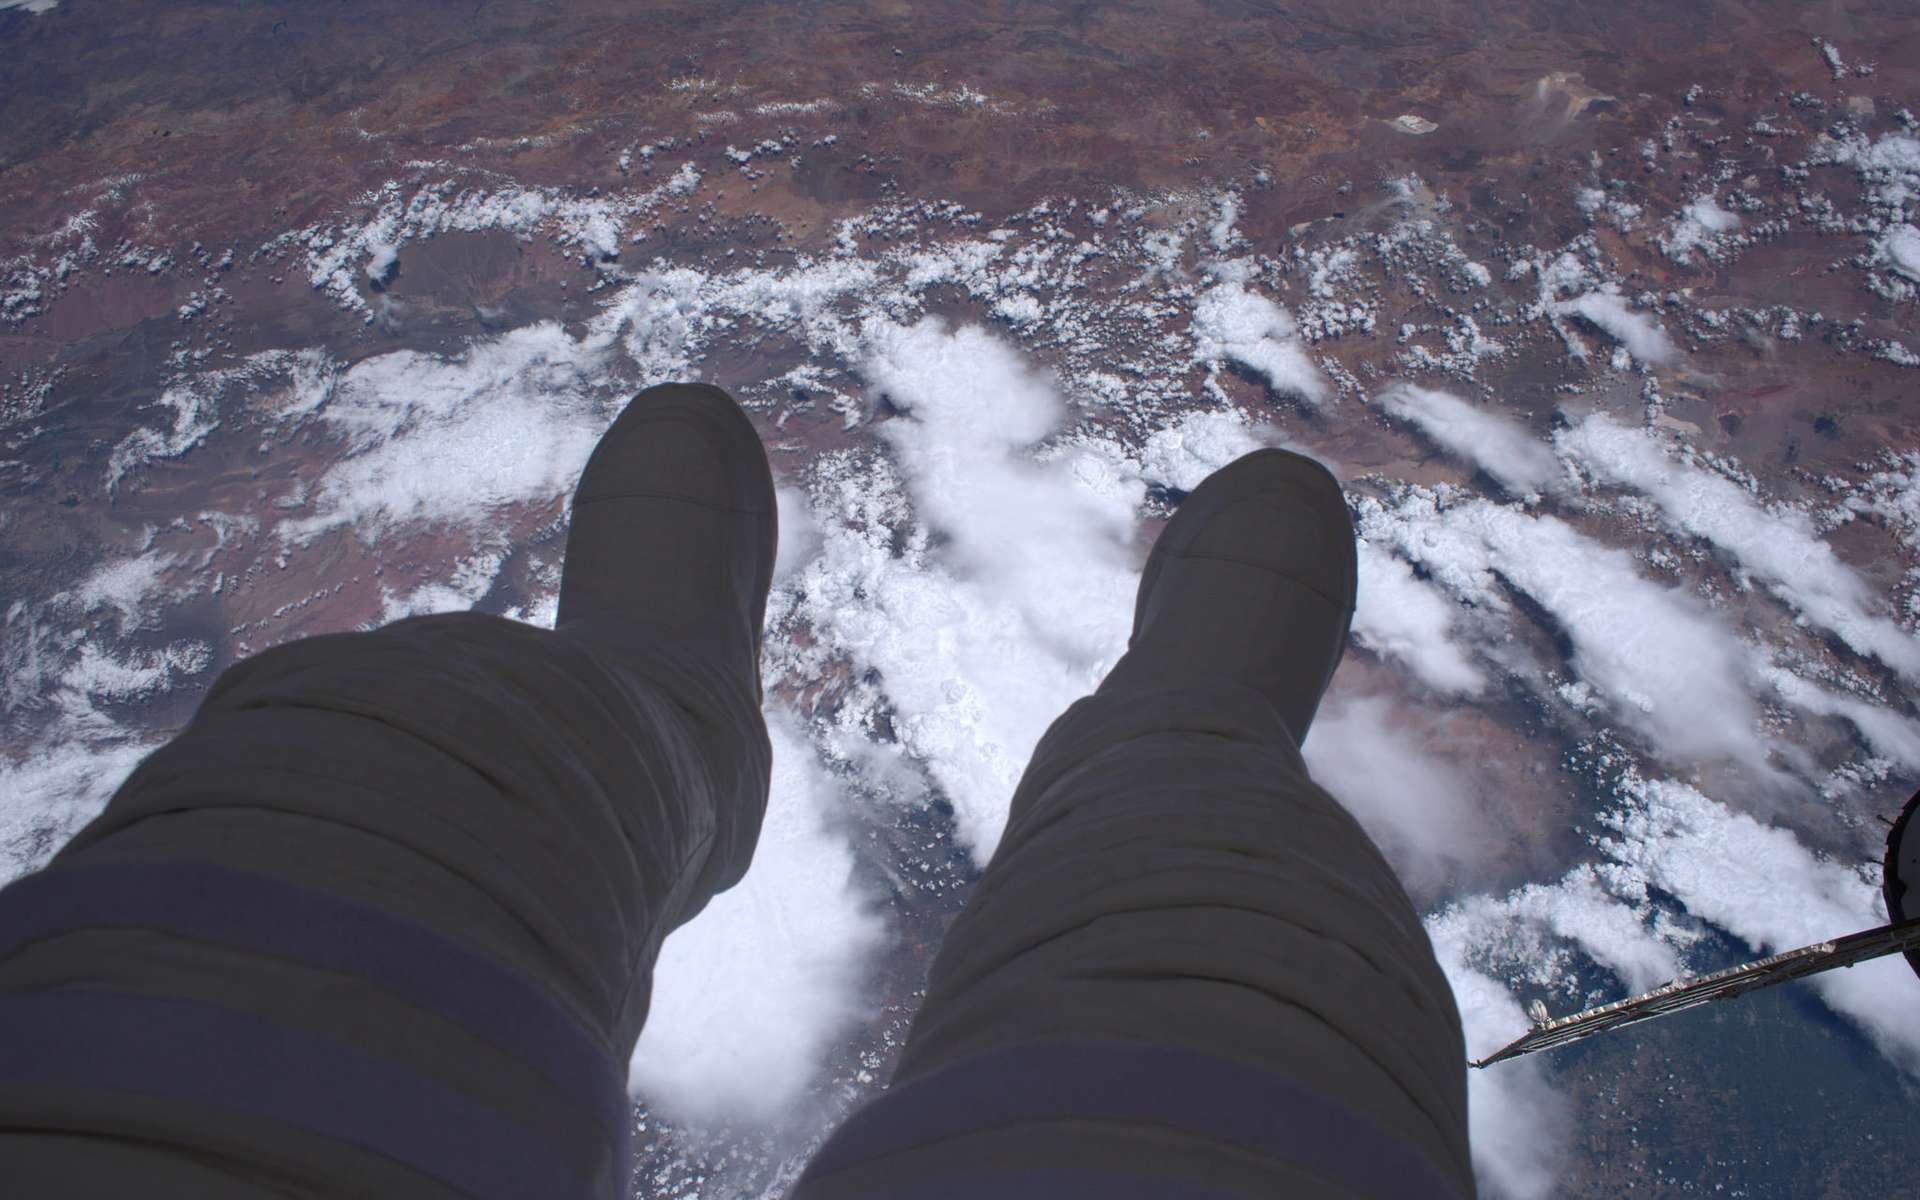 Thomas Pesquet lors de sa sortie dans l'espace. Comme il le souligne, « concrètement, une sortie extravéhiculaire, c'est ça : 400 km de vide sous les pieds ». © ESA, Nasa